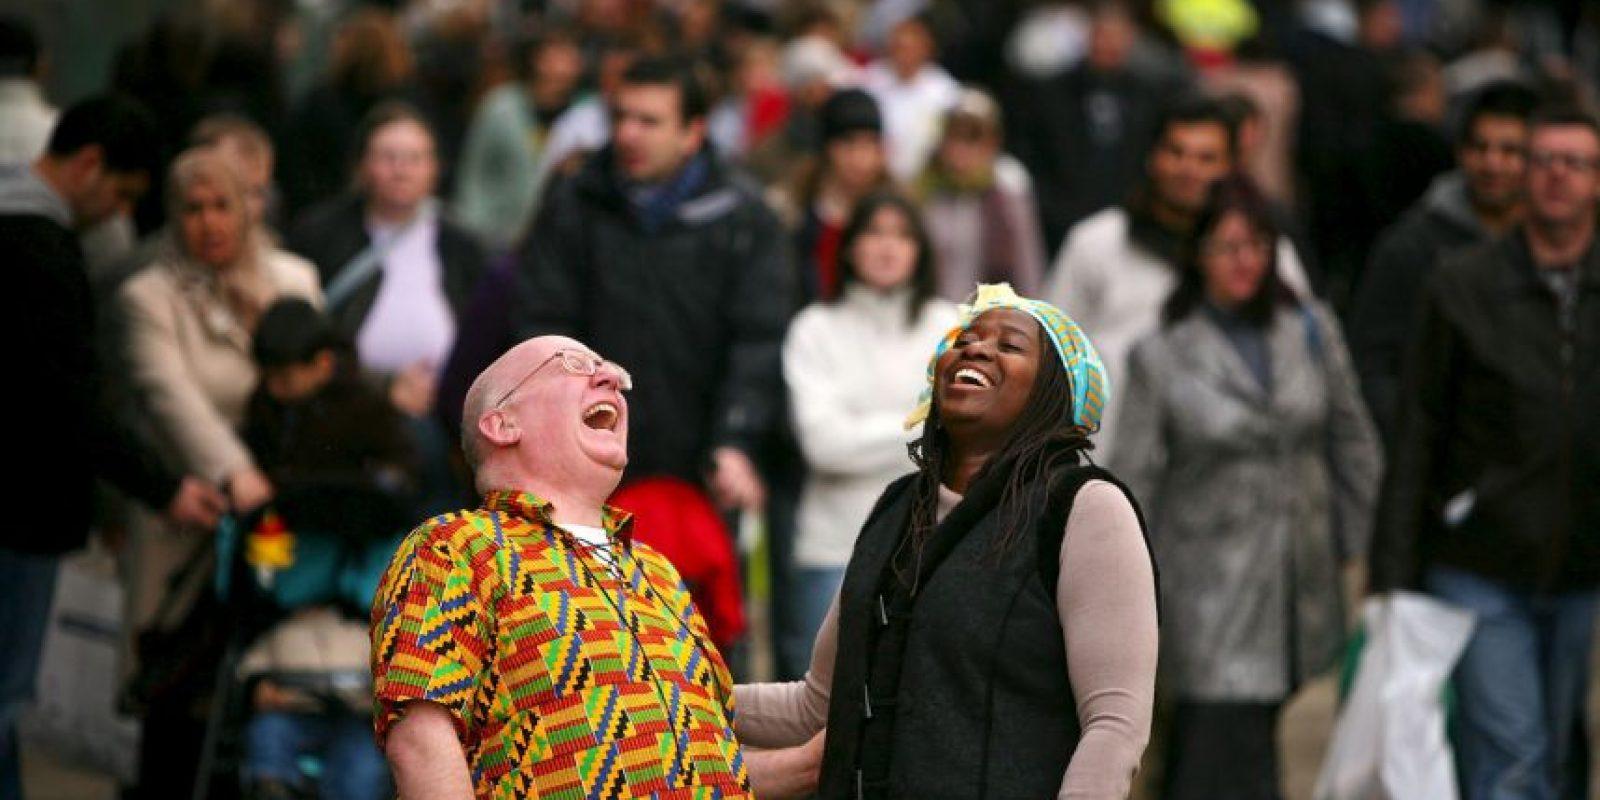 También actúan como analgésicos naturales del cuerpo. Para los que sufren de dolor crónico, reír y sonreír puede ser un eficaz tratamiento. Foto:Getty Images